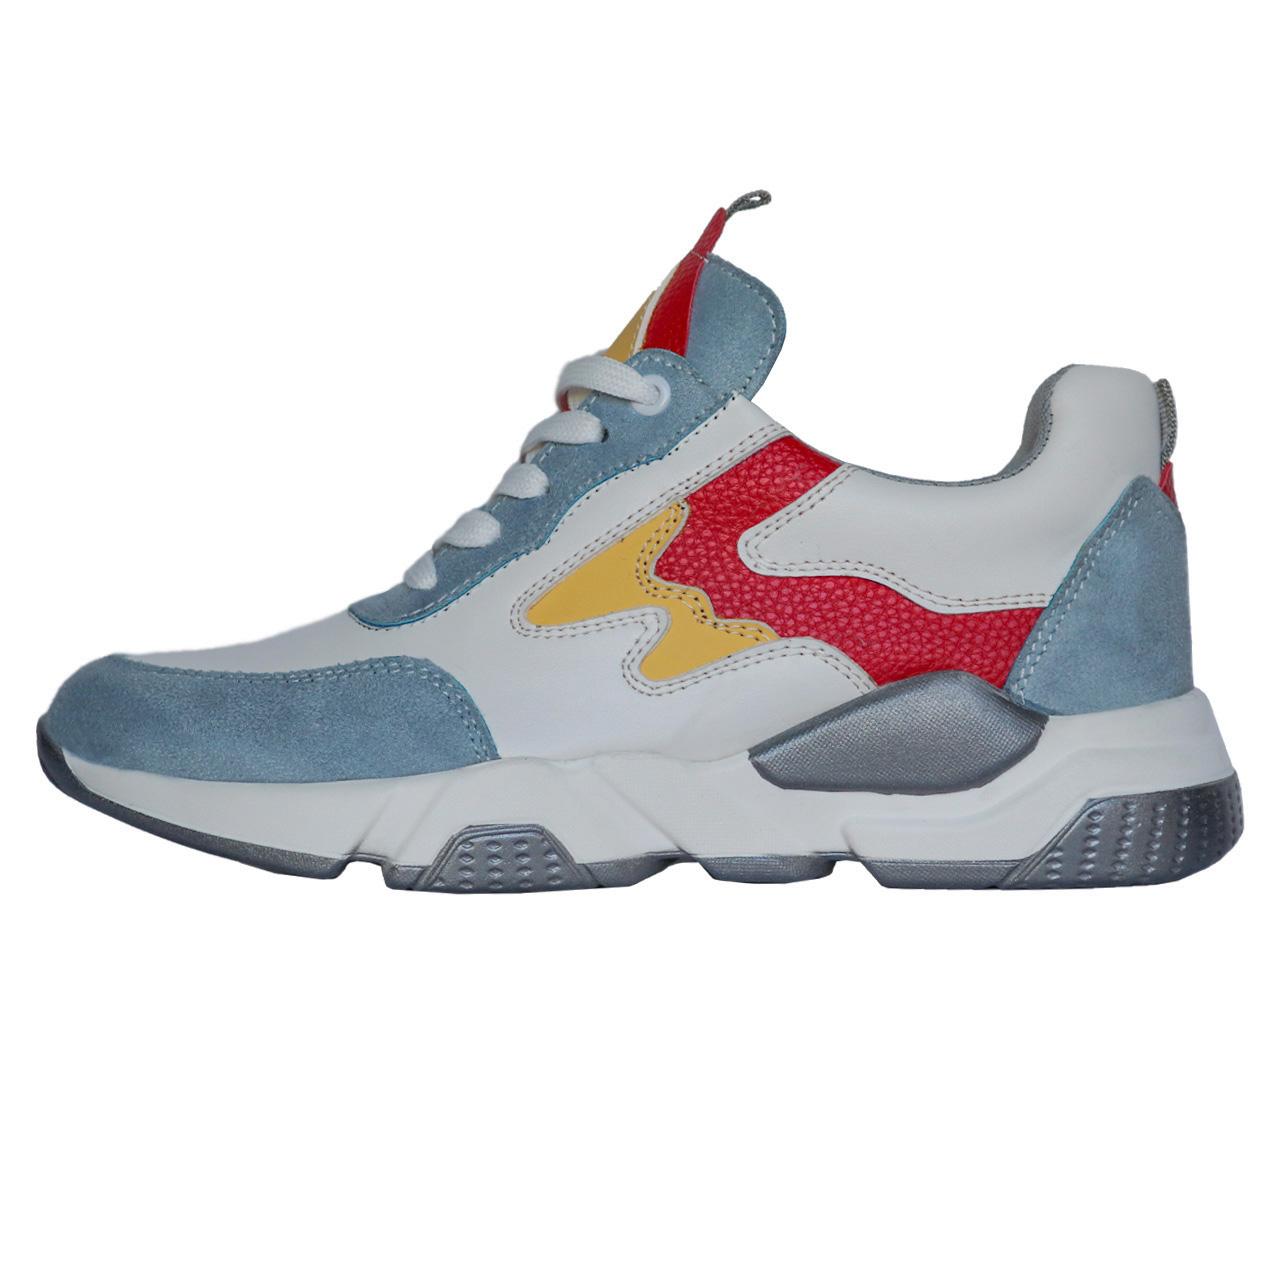 کفش مخصوص پیاده روی زنانه کد ۲۱۲۲